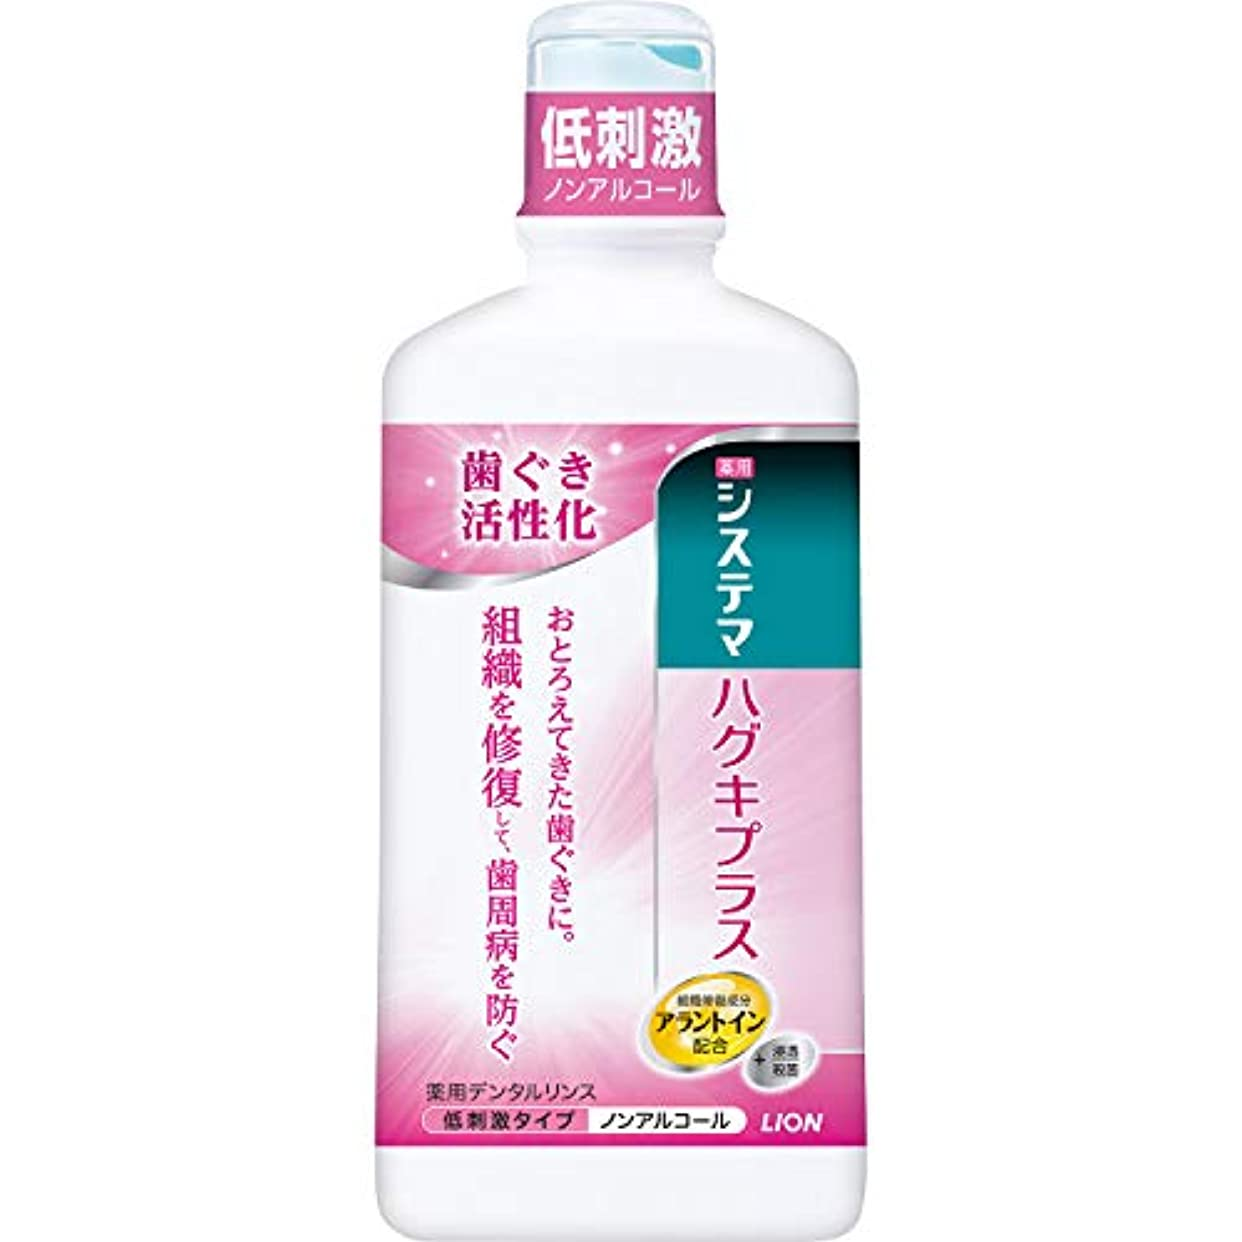 宴会卵道徳のシステマ ハグキプラス デンタルリンス 450ml 液体歯磨 (医薬部外品)